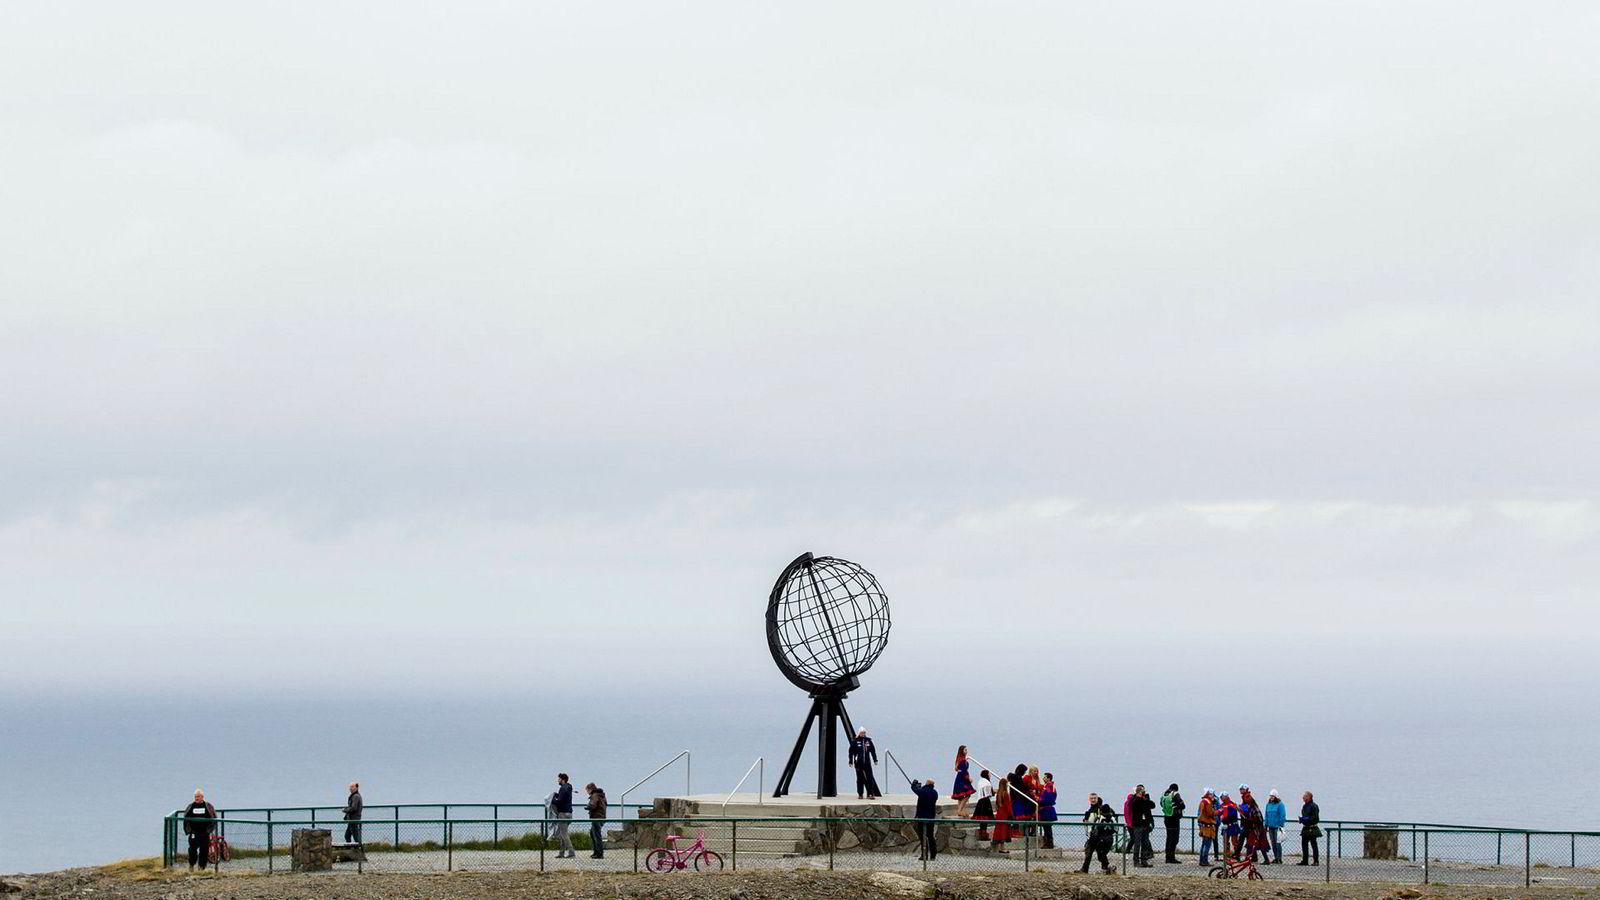 Nordkapp-platået er Norges tredje mest populære turistattraksjon med 300.000 besøkende årlig.